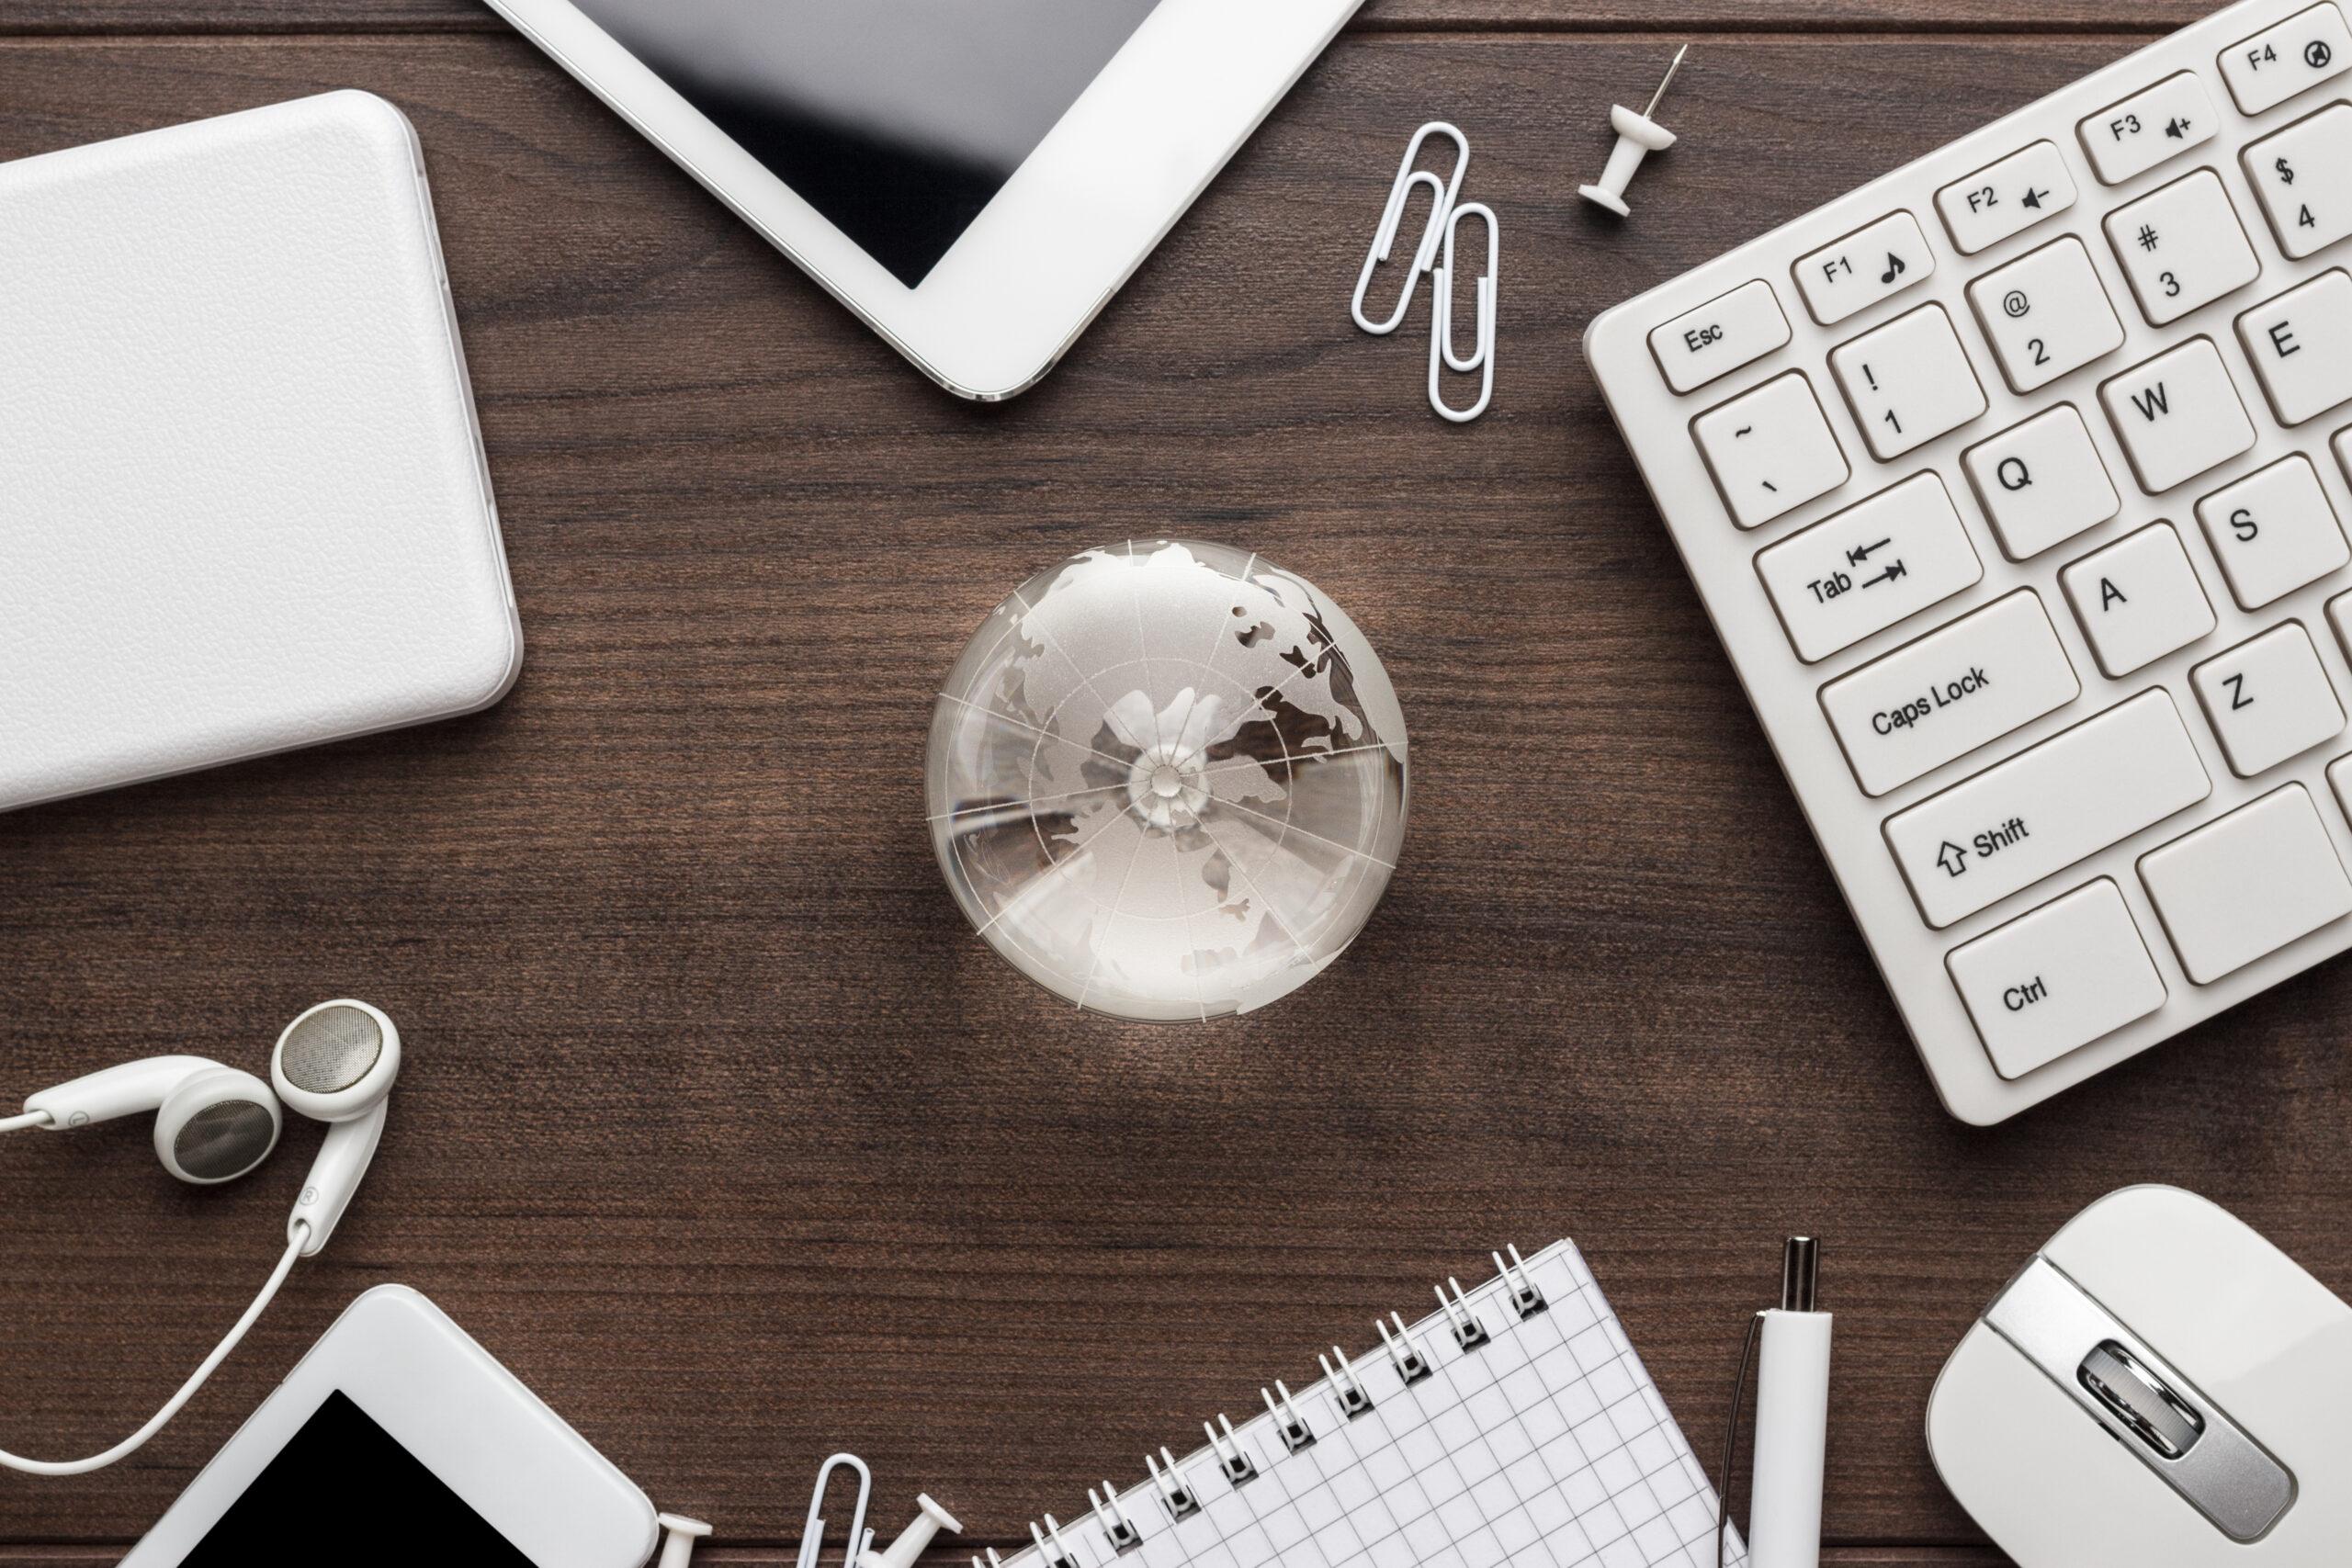 κατοικοι εξωτερικου working online- international tax κατοικος εξωτερικουkerdoforos working online concept scaled